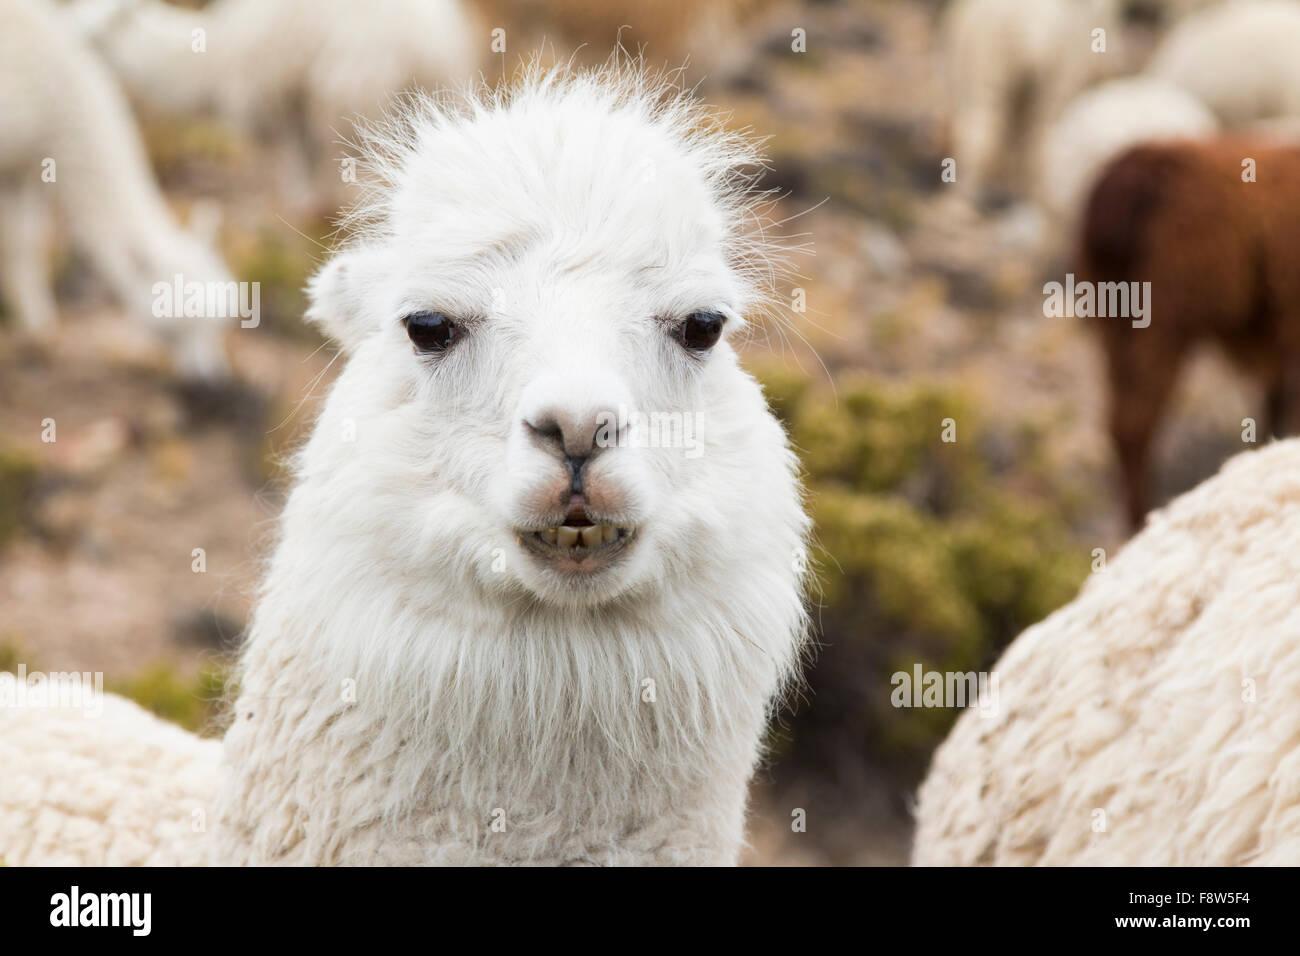 Close-up of an alpaca - Stock Image